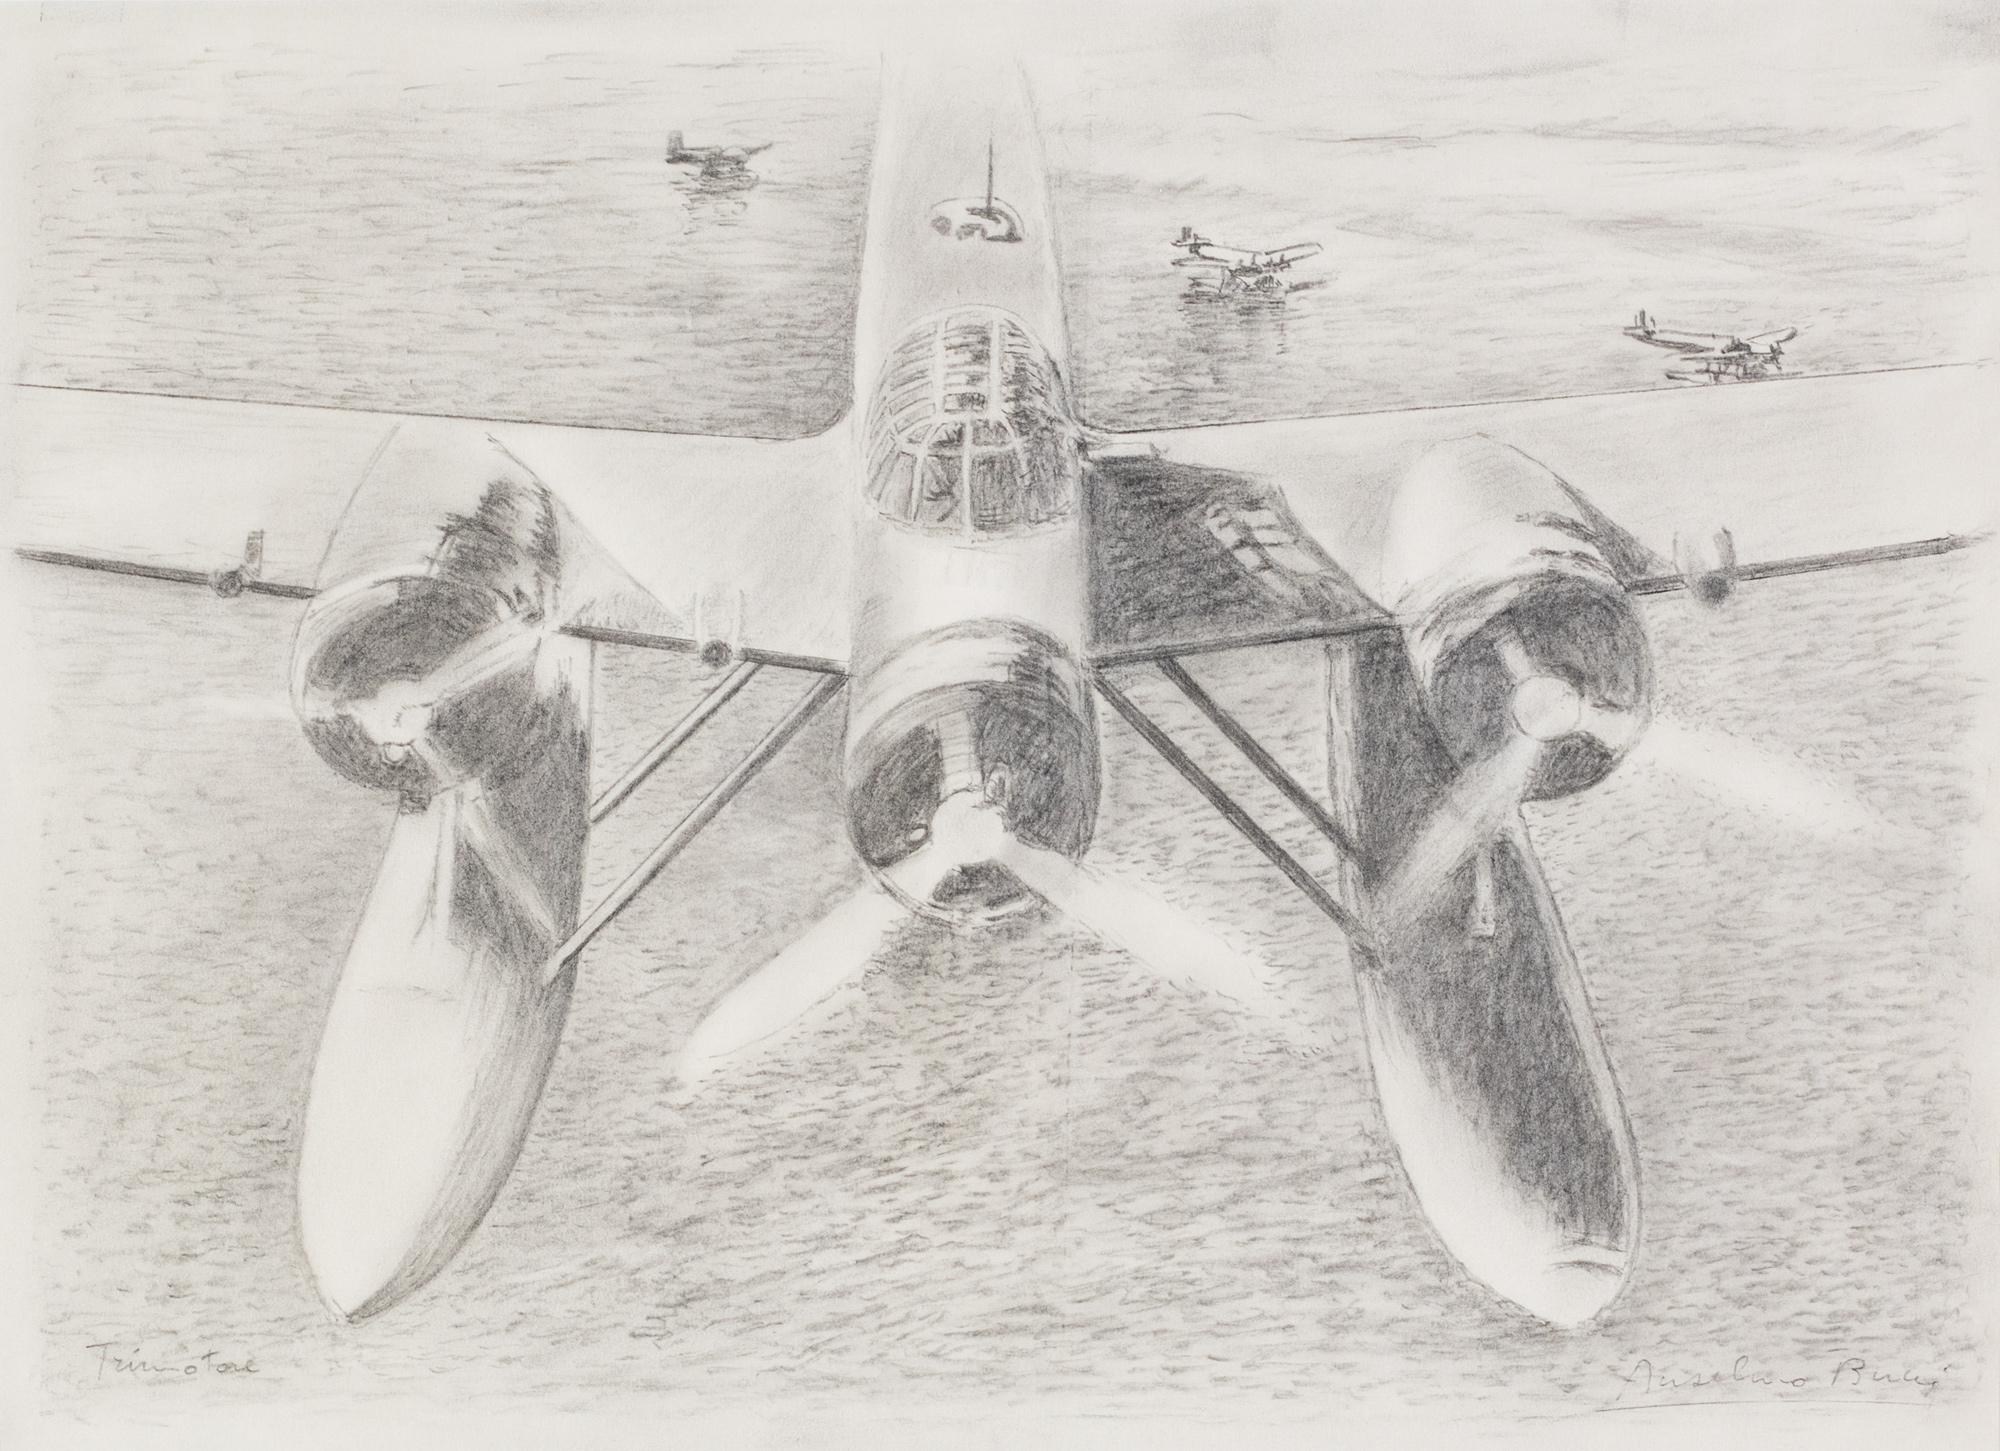 Trimotore, (1942)